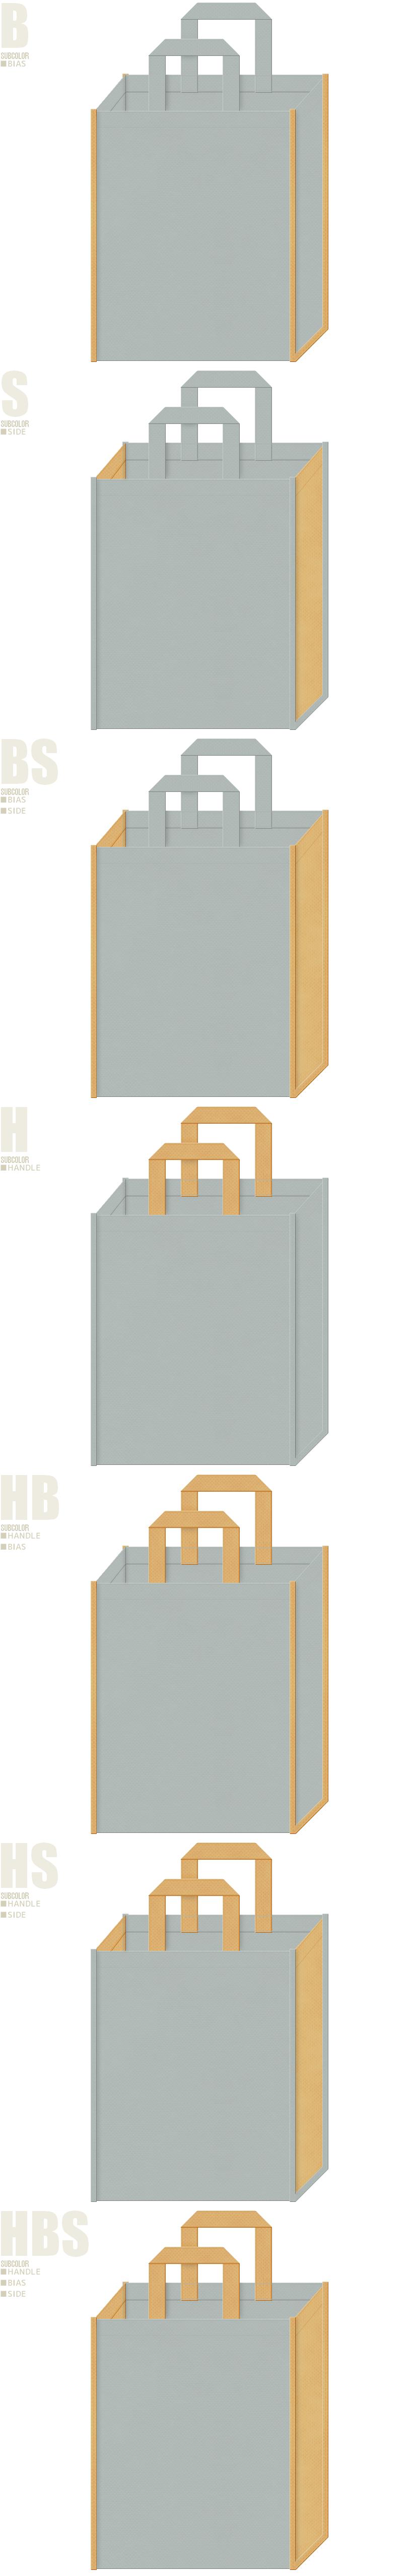 グレー色と明るめの黄土色-7パターンの不織布トートバッグ配色デザイン例